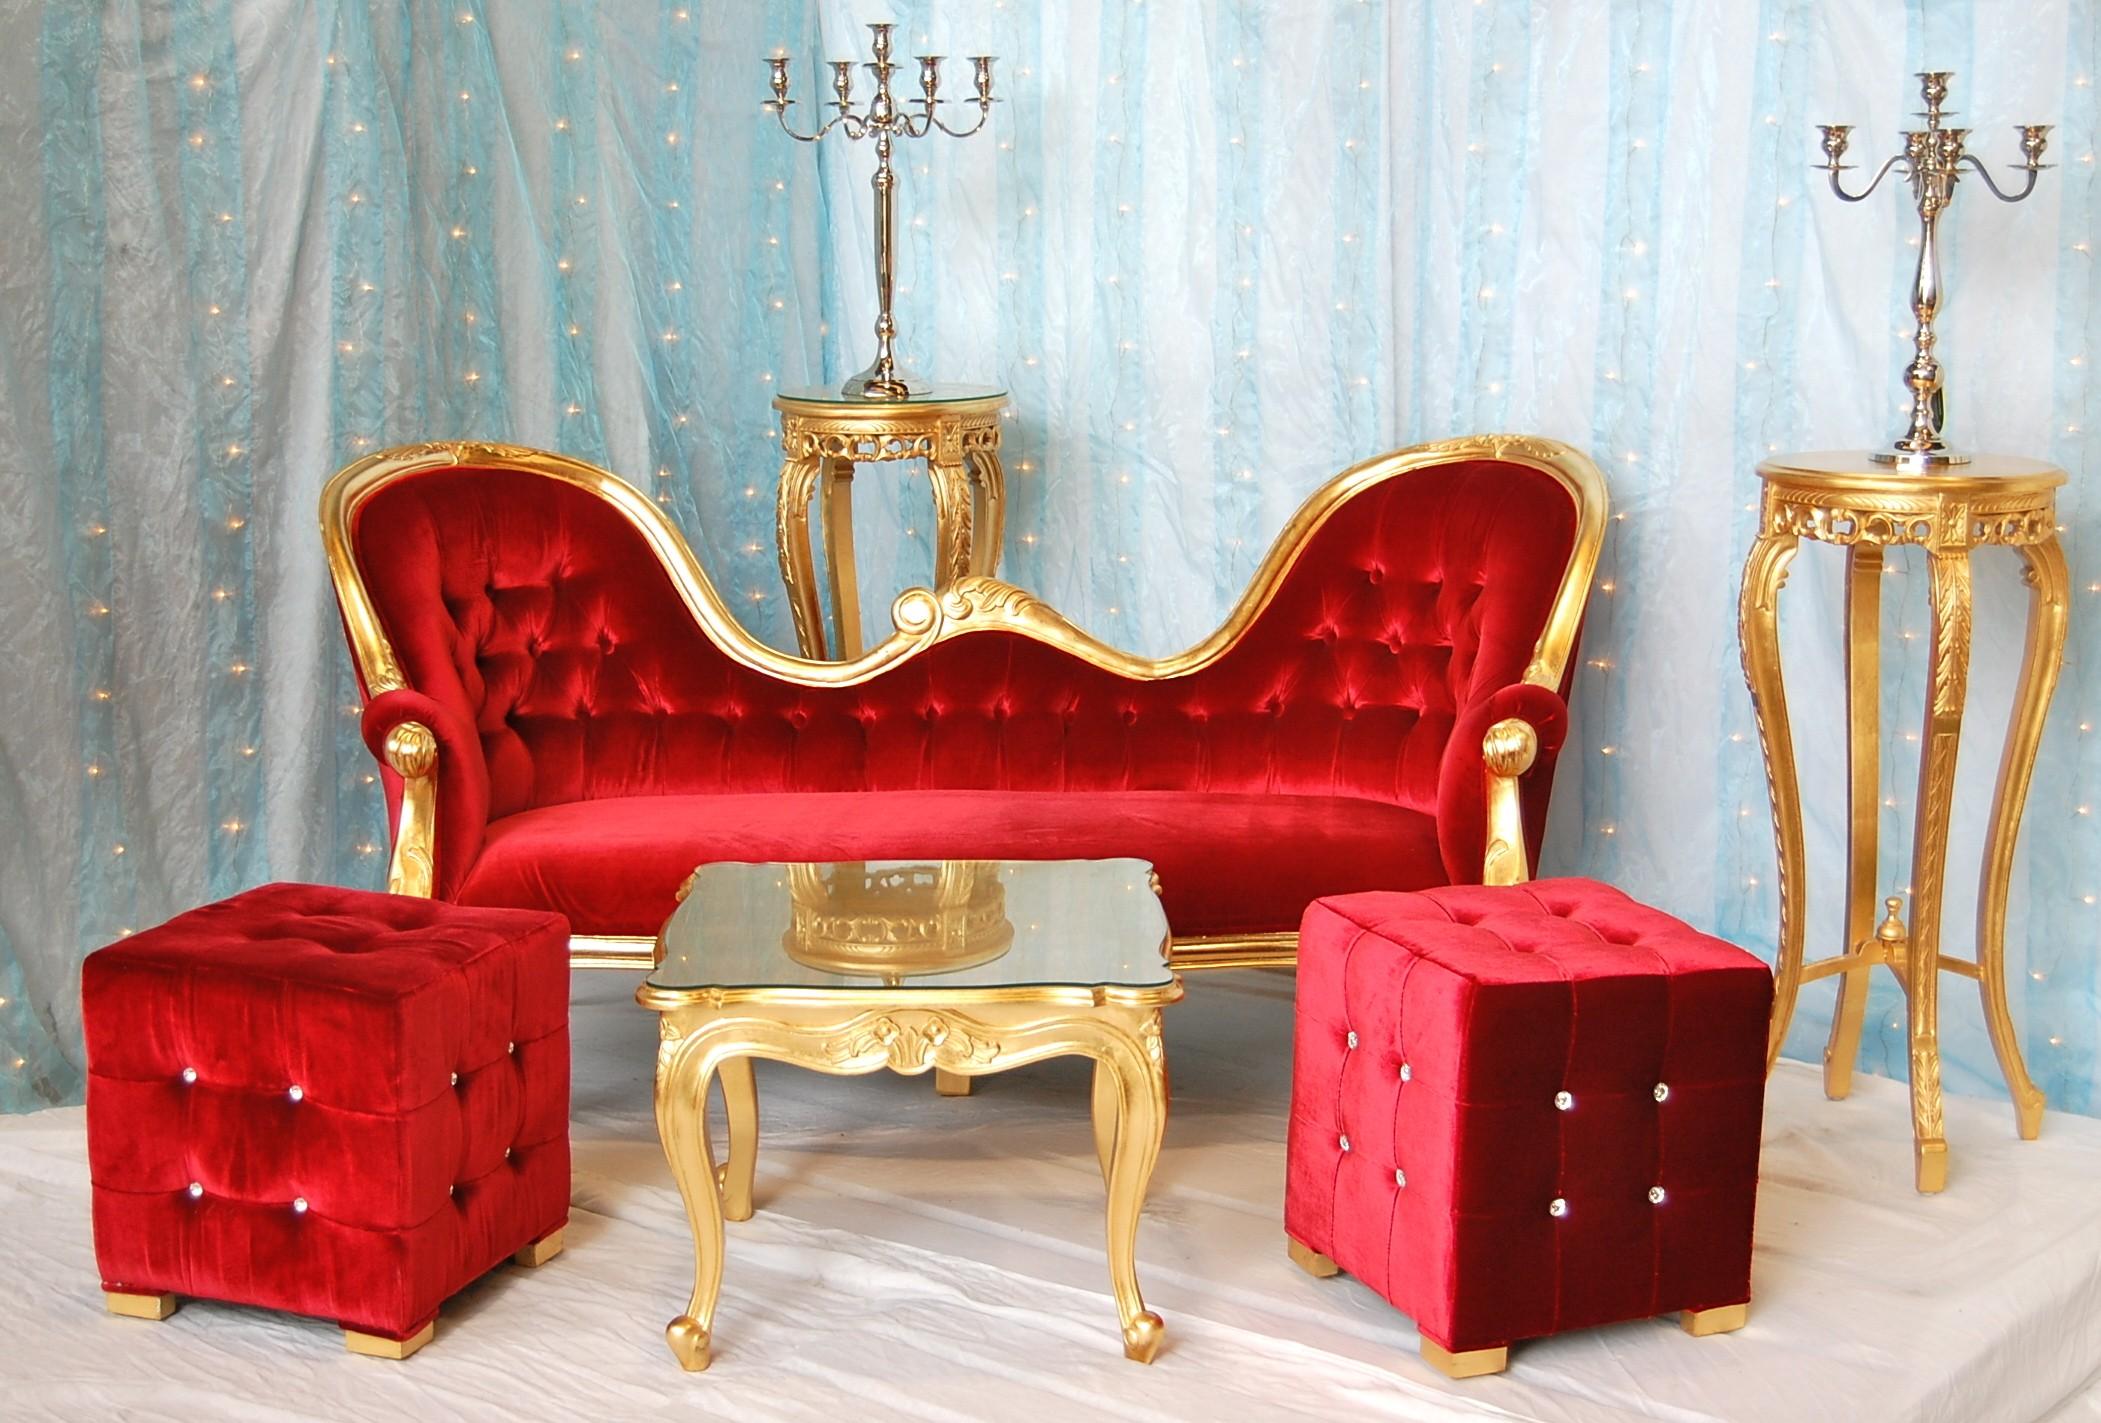 location trone mariage pas cher lyon housse de chaise lycra dos paillette vente with location. Black Bedroom Furniture Sets. Home Design Ideas